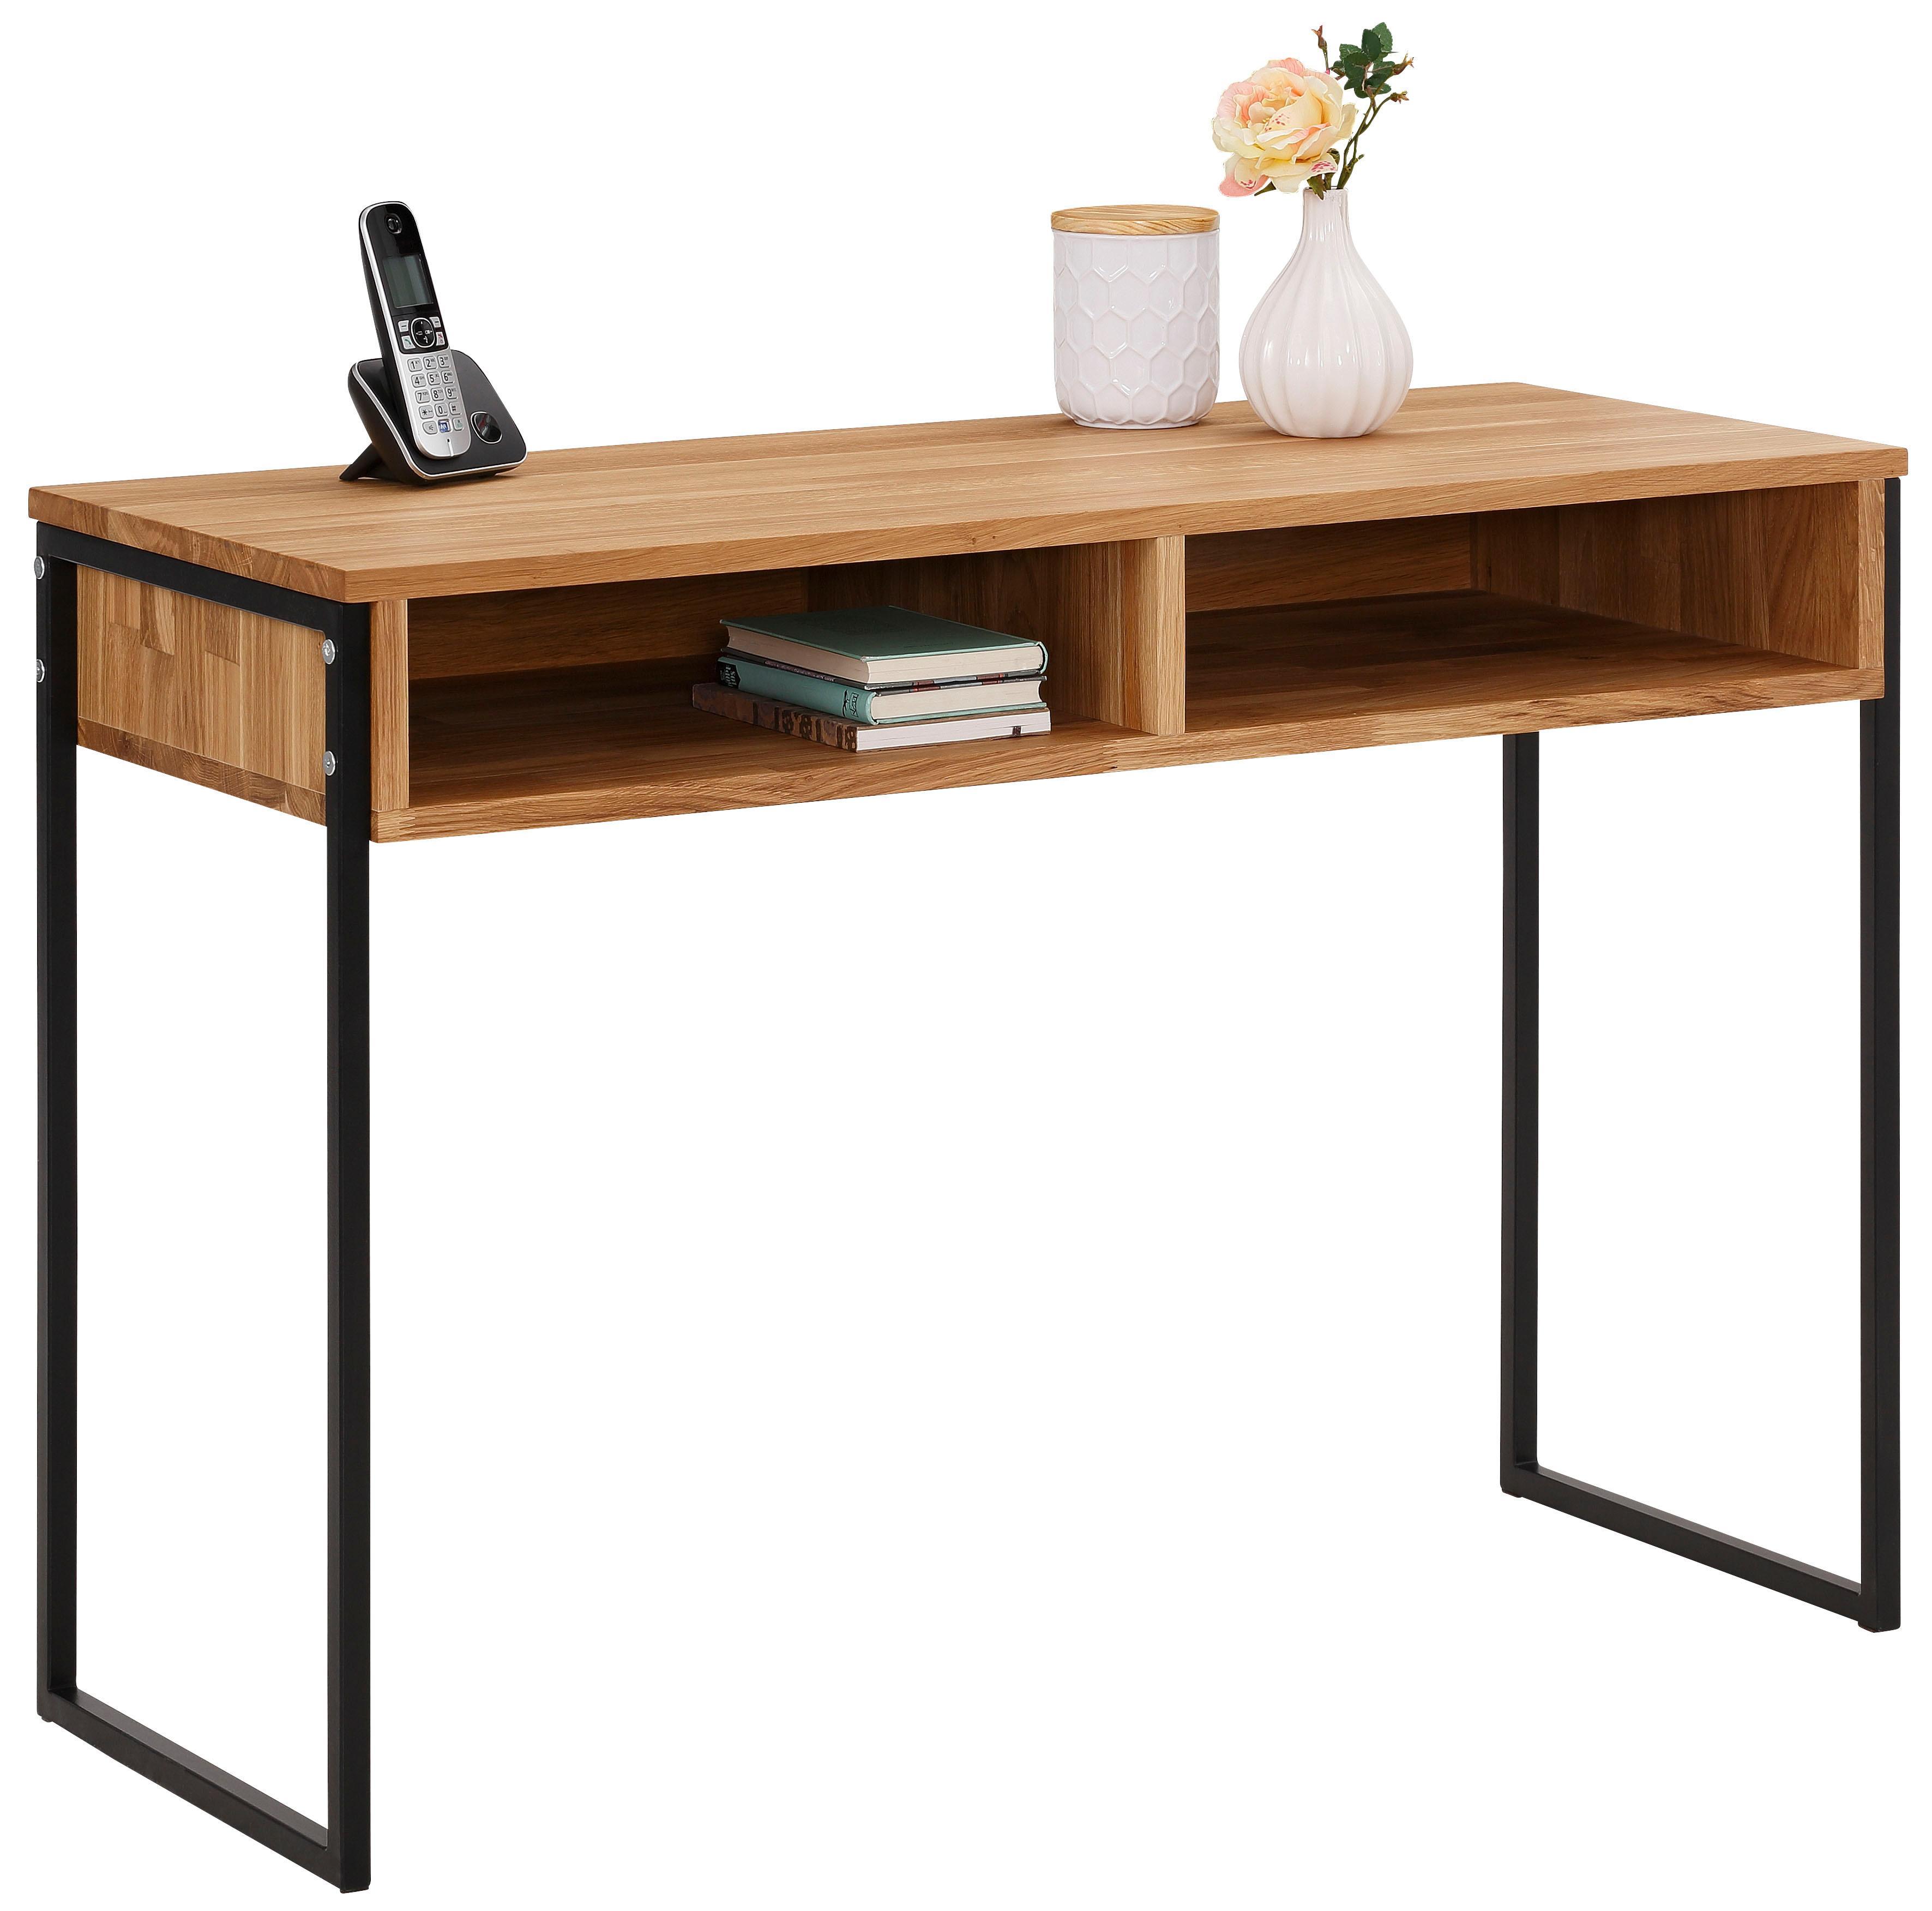 Home affaire Schreibtisch Breite 110 cm